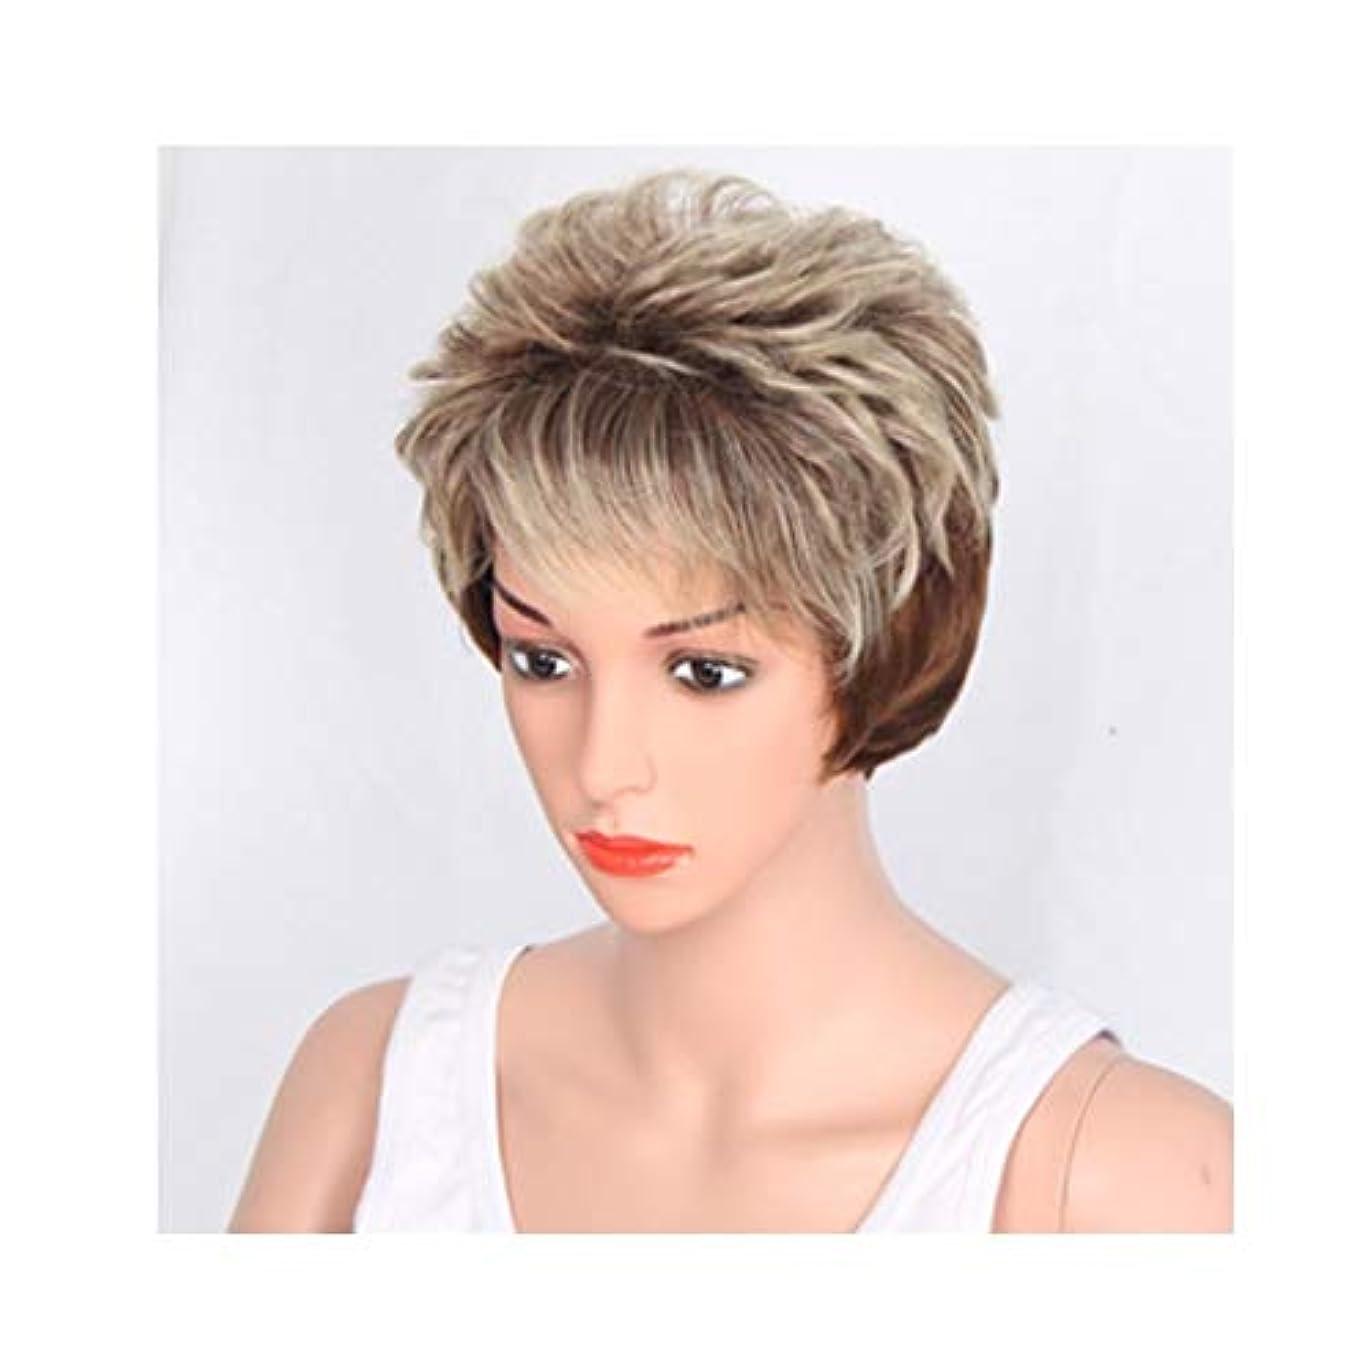 フクロウ最も遠い世代YOUQIU 高温シルクウィッグセットダブル色のふわふわショートヘアエア前髪ウィッグは前髪ウィッグ傾斜することができます (色 : Double color)